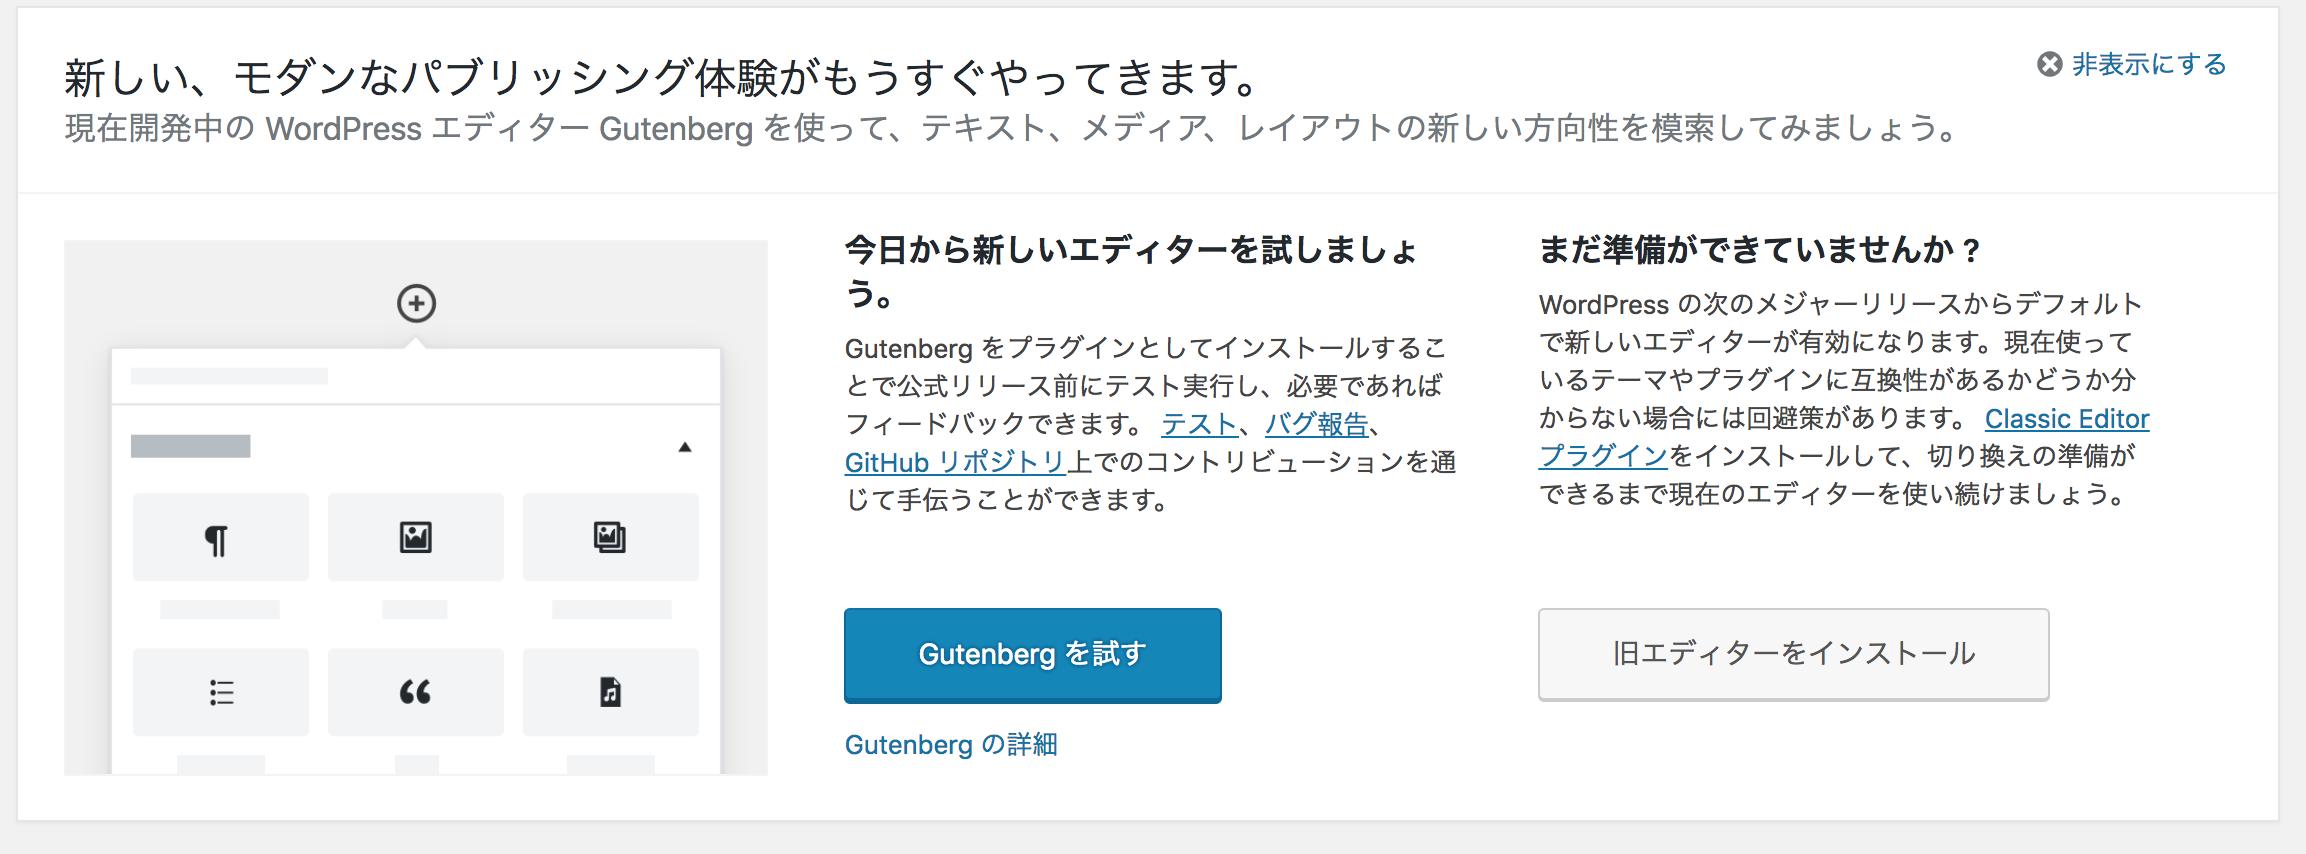 新しいエディタのGutenbergが使えるようになっていた。